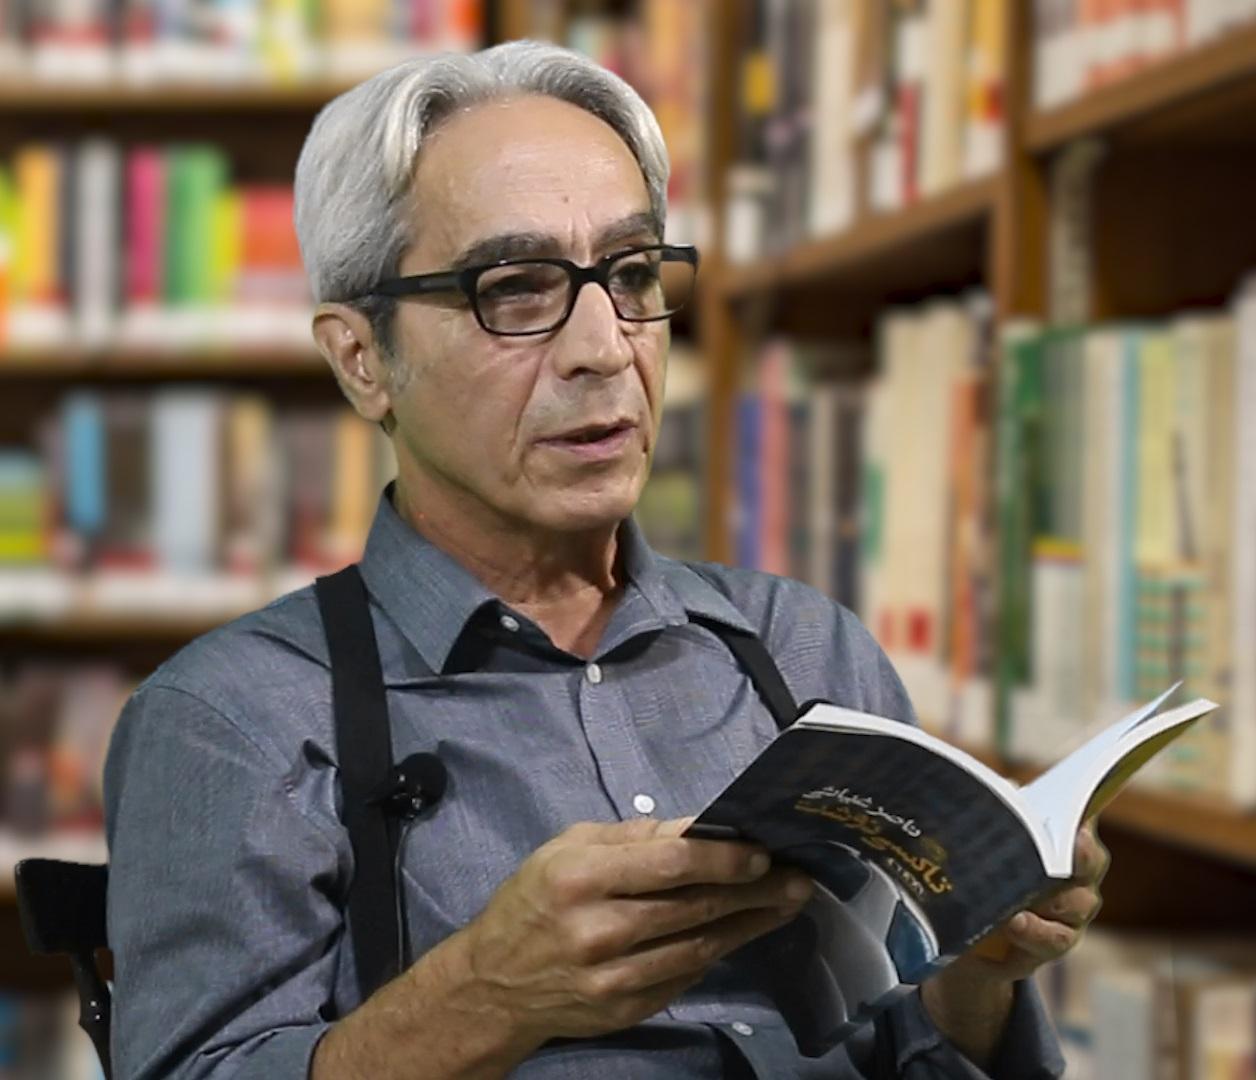 گفتگو با نویسنده کتاب تاکسینوشت